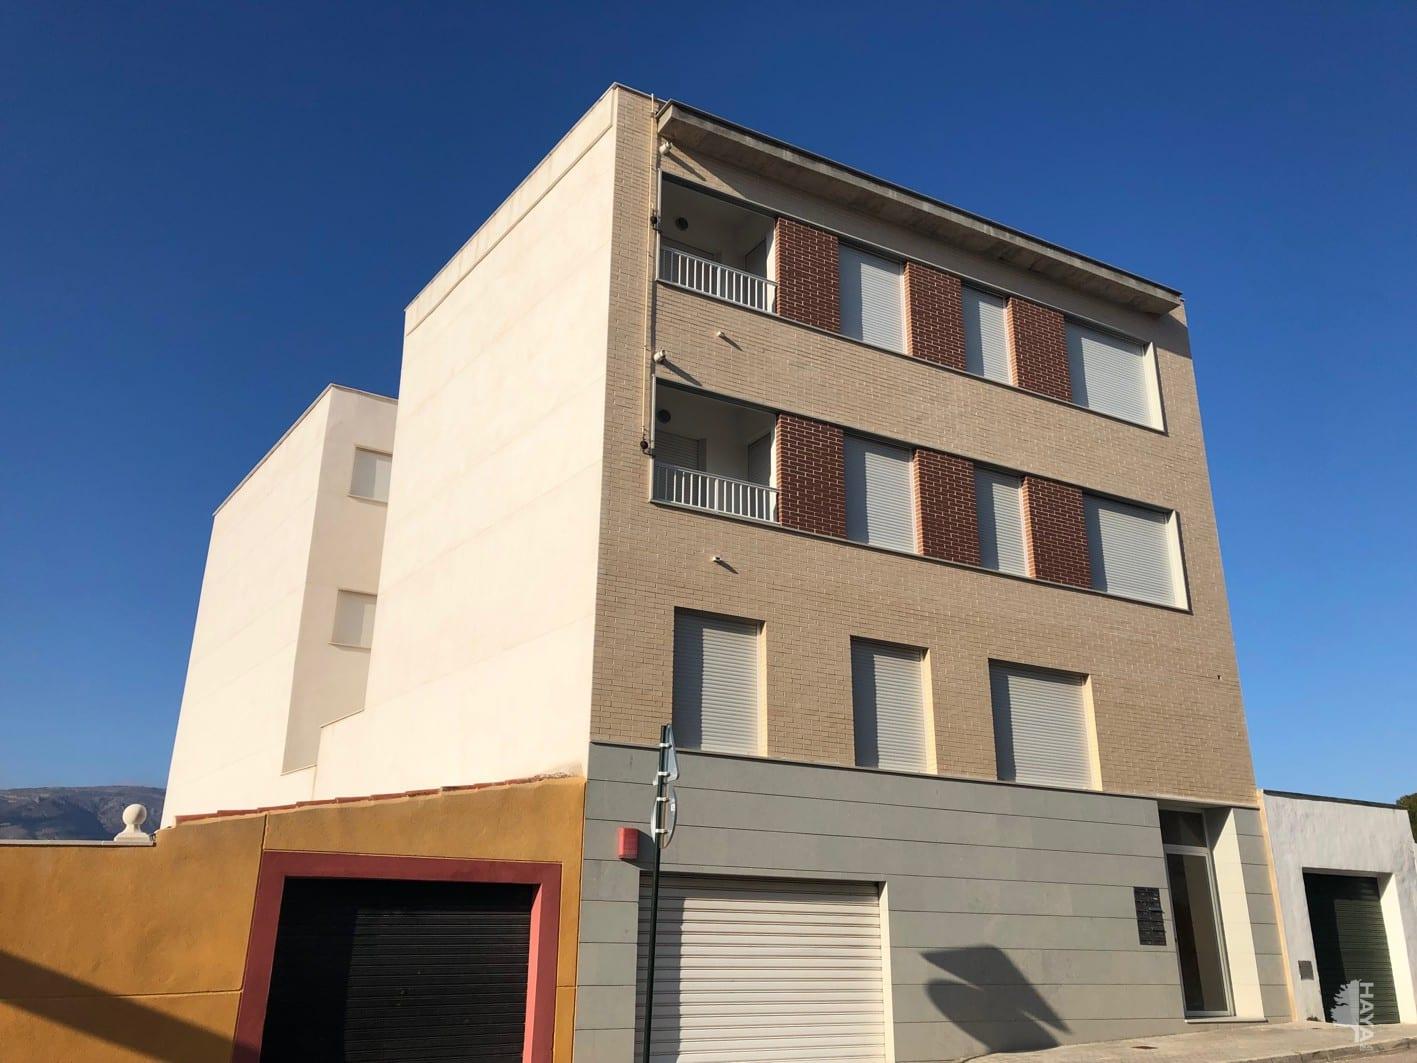 Piso en venta en Viaducte, Alcoy/alcoi, Alicante, Calle Sant Joan de Ribera, 73.000 €, 2 habitaciones, 1 baño, 70 m2